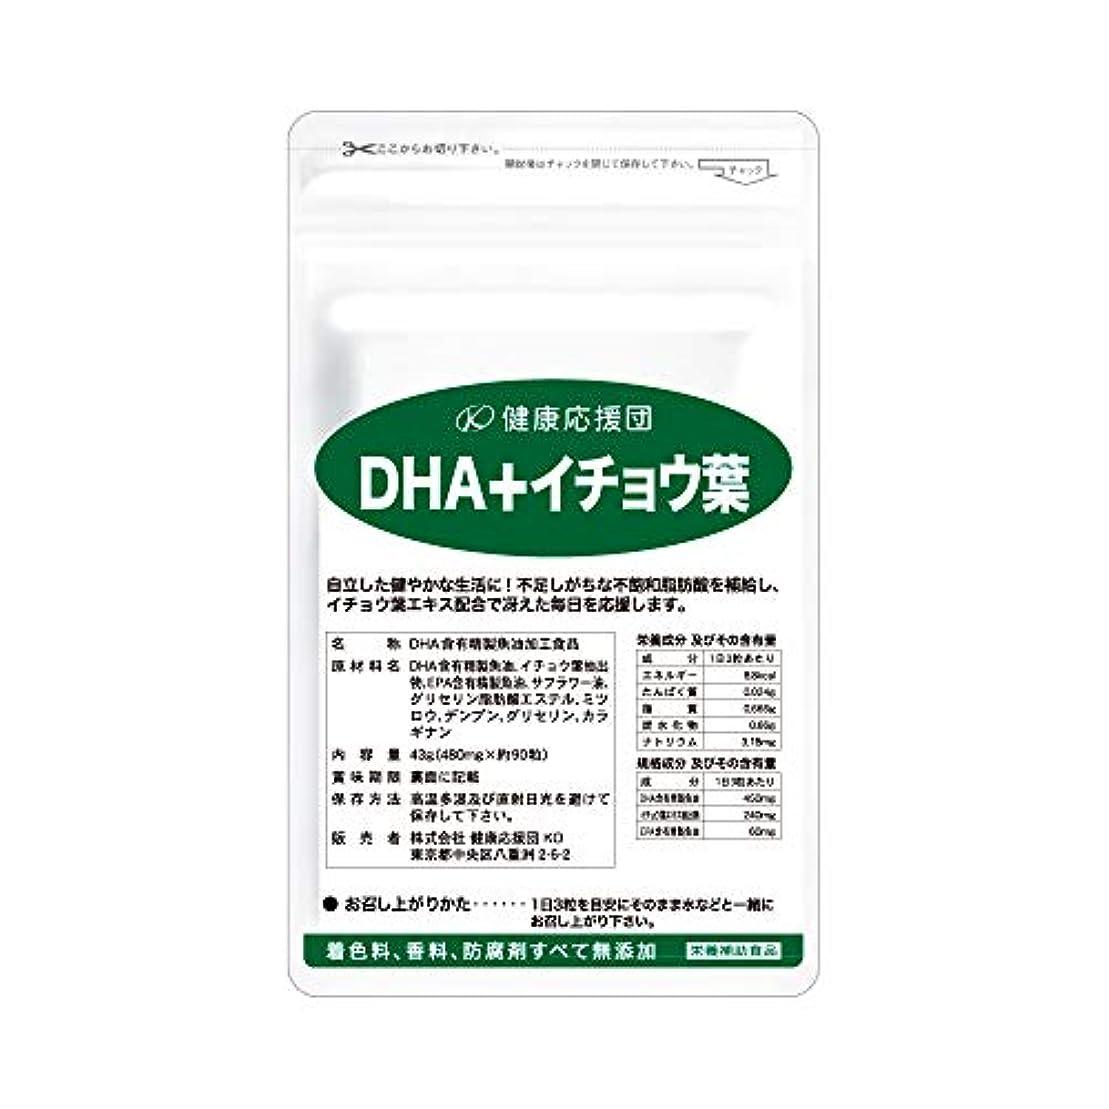 くま芽ロッカー30日分 DHA+イチョウ葉 (90粒) 植物ソフトカプセル